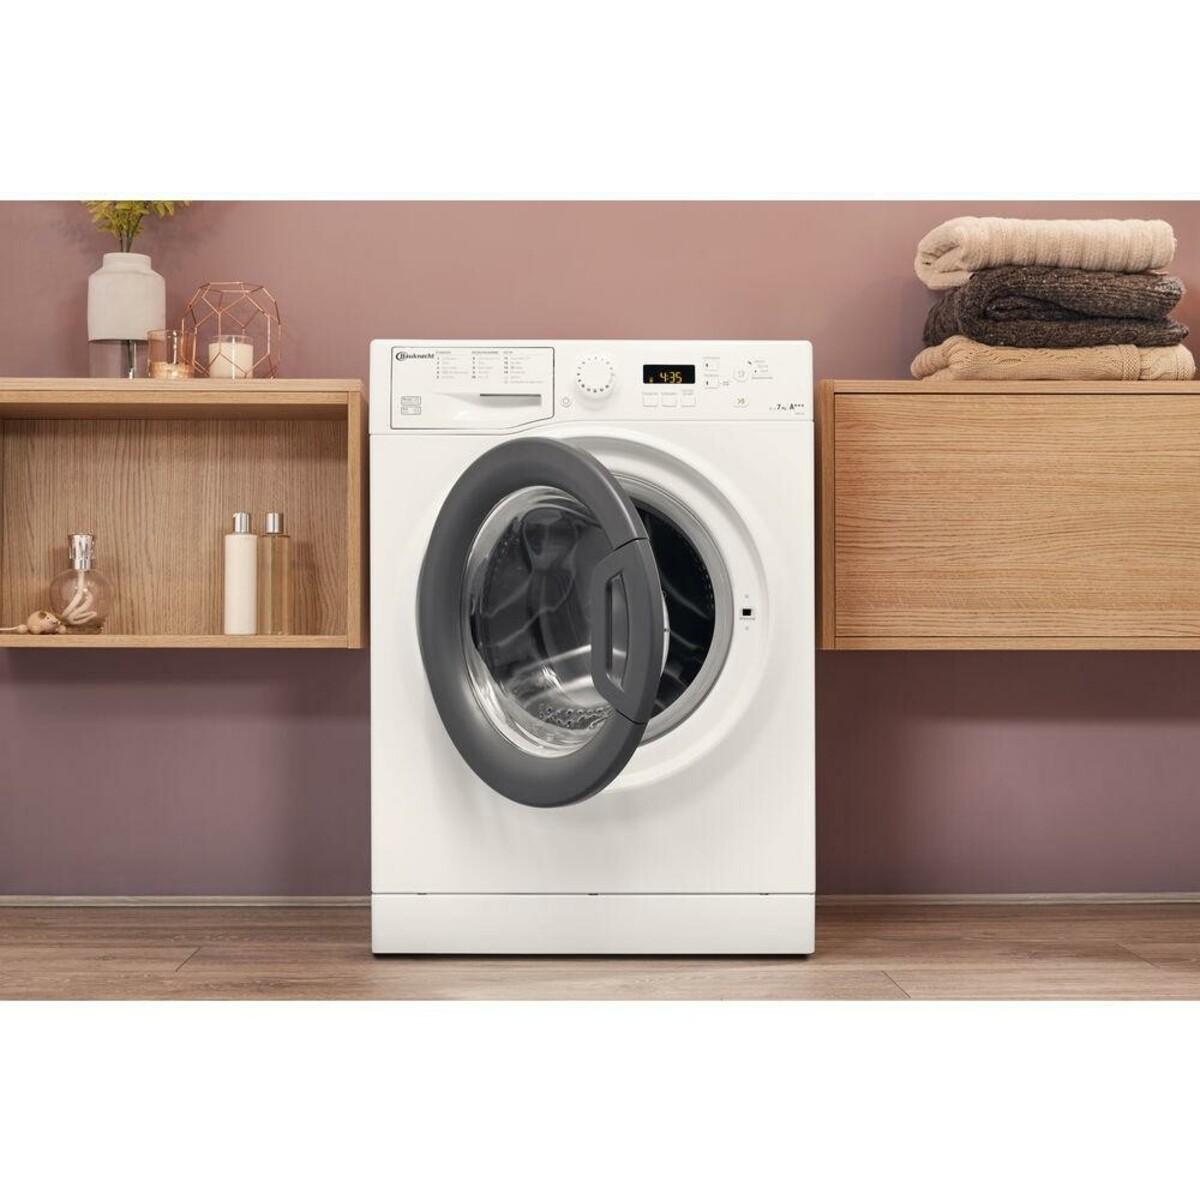 Bild 4 von BAUKNECHT FWM 7F4 Waschmaschine (7 kg, 1400 U/min., A+++, Wolle, Anti-Allergie)